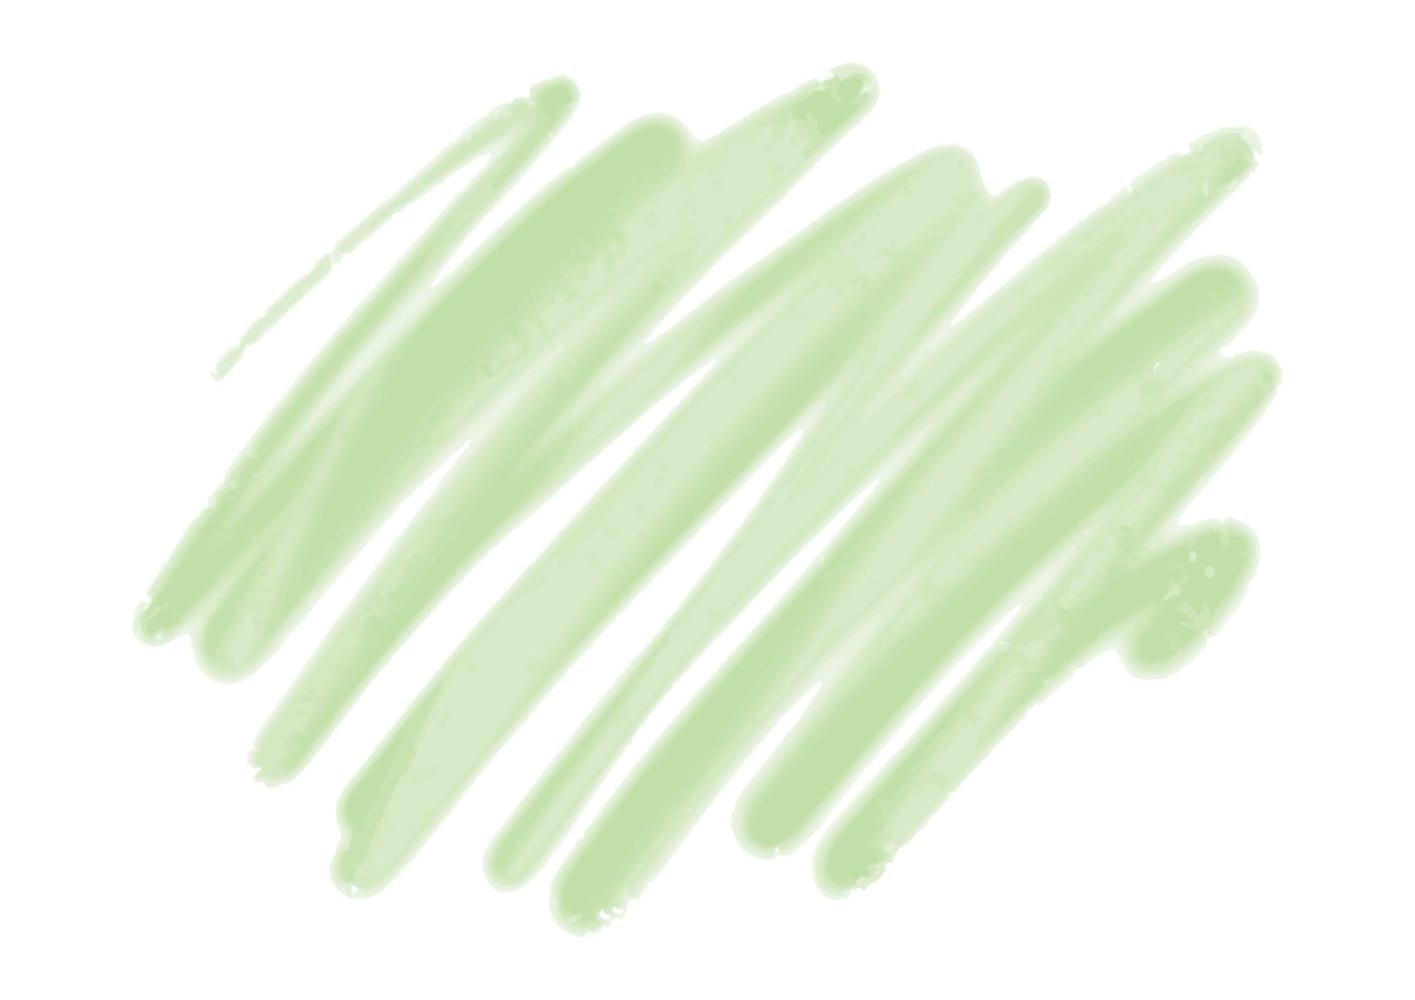 水彩 落書き 背景 緑色 イラスト 無料